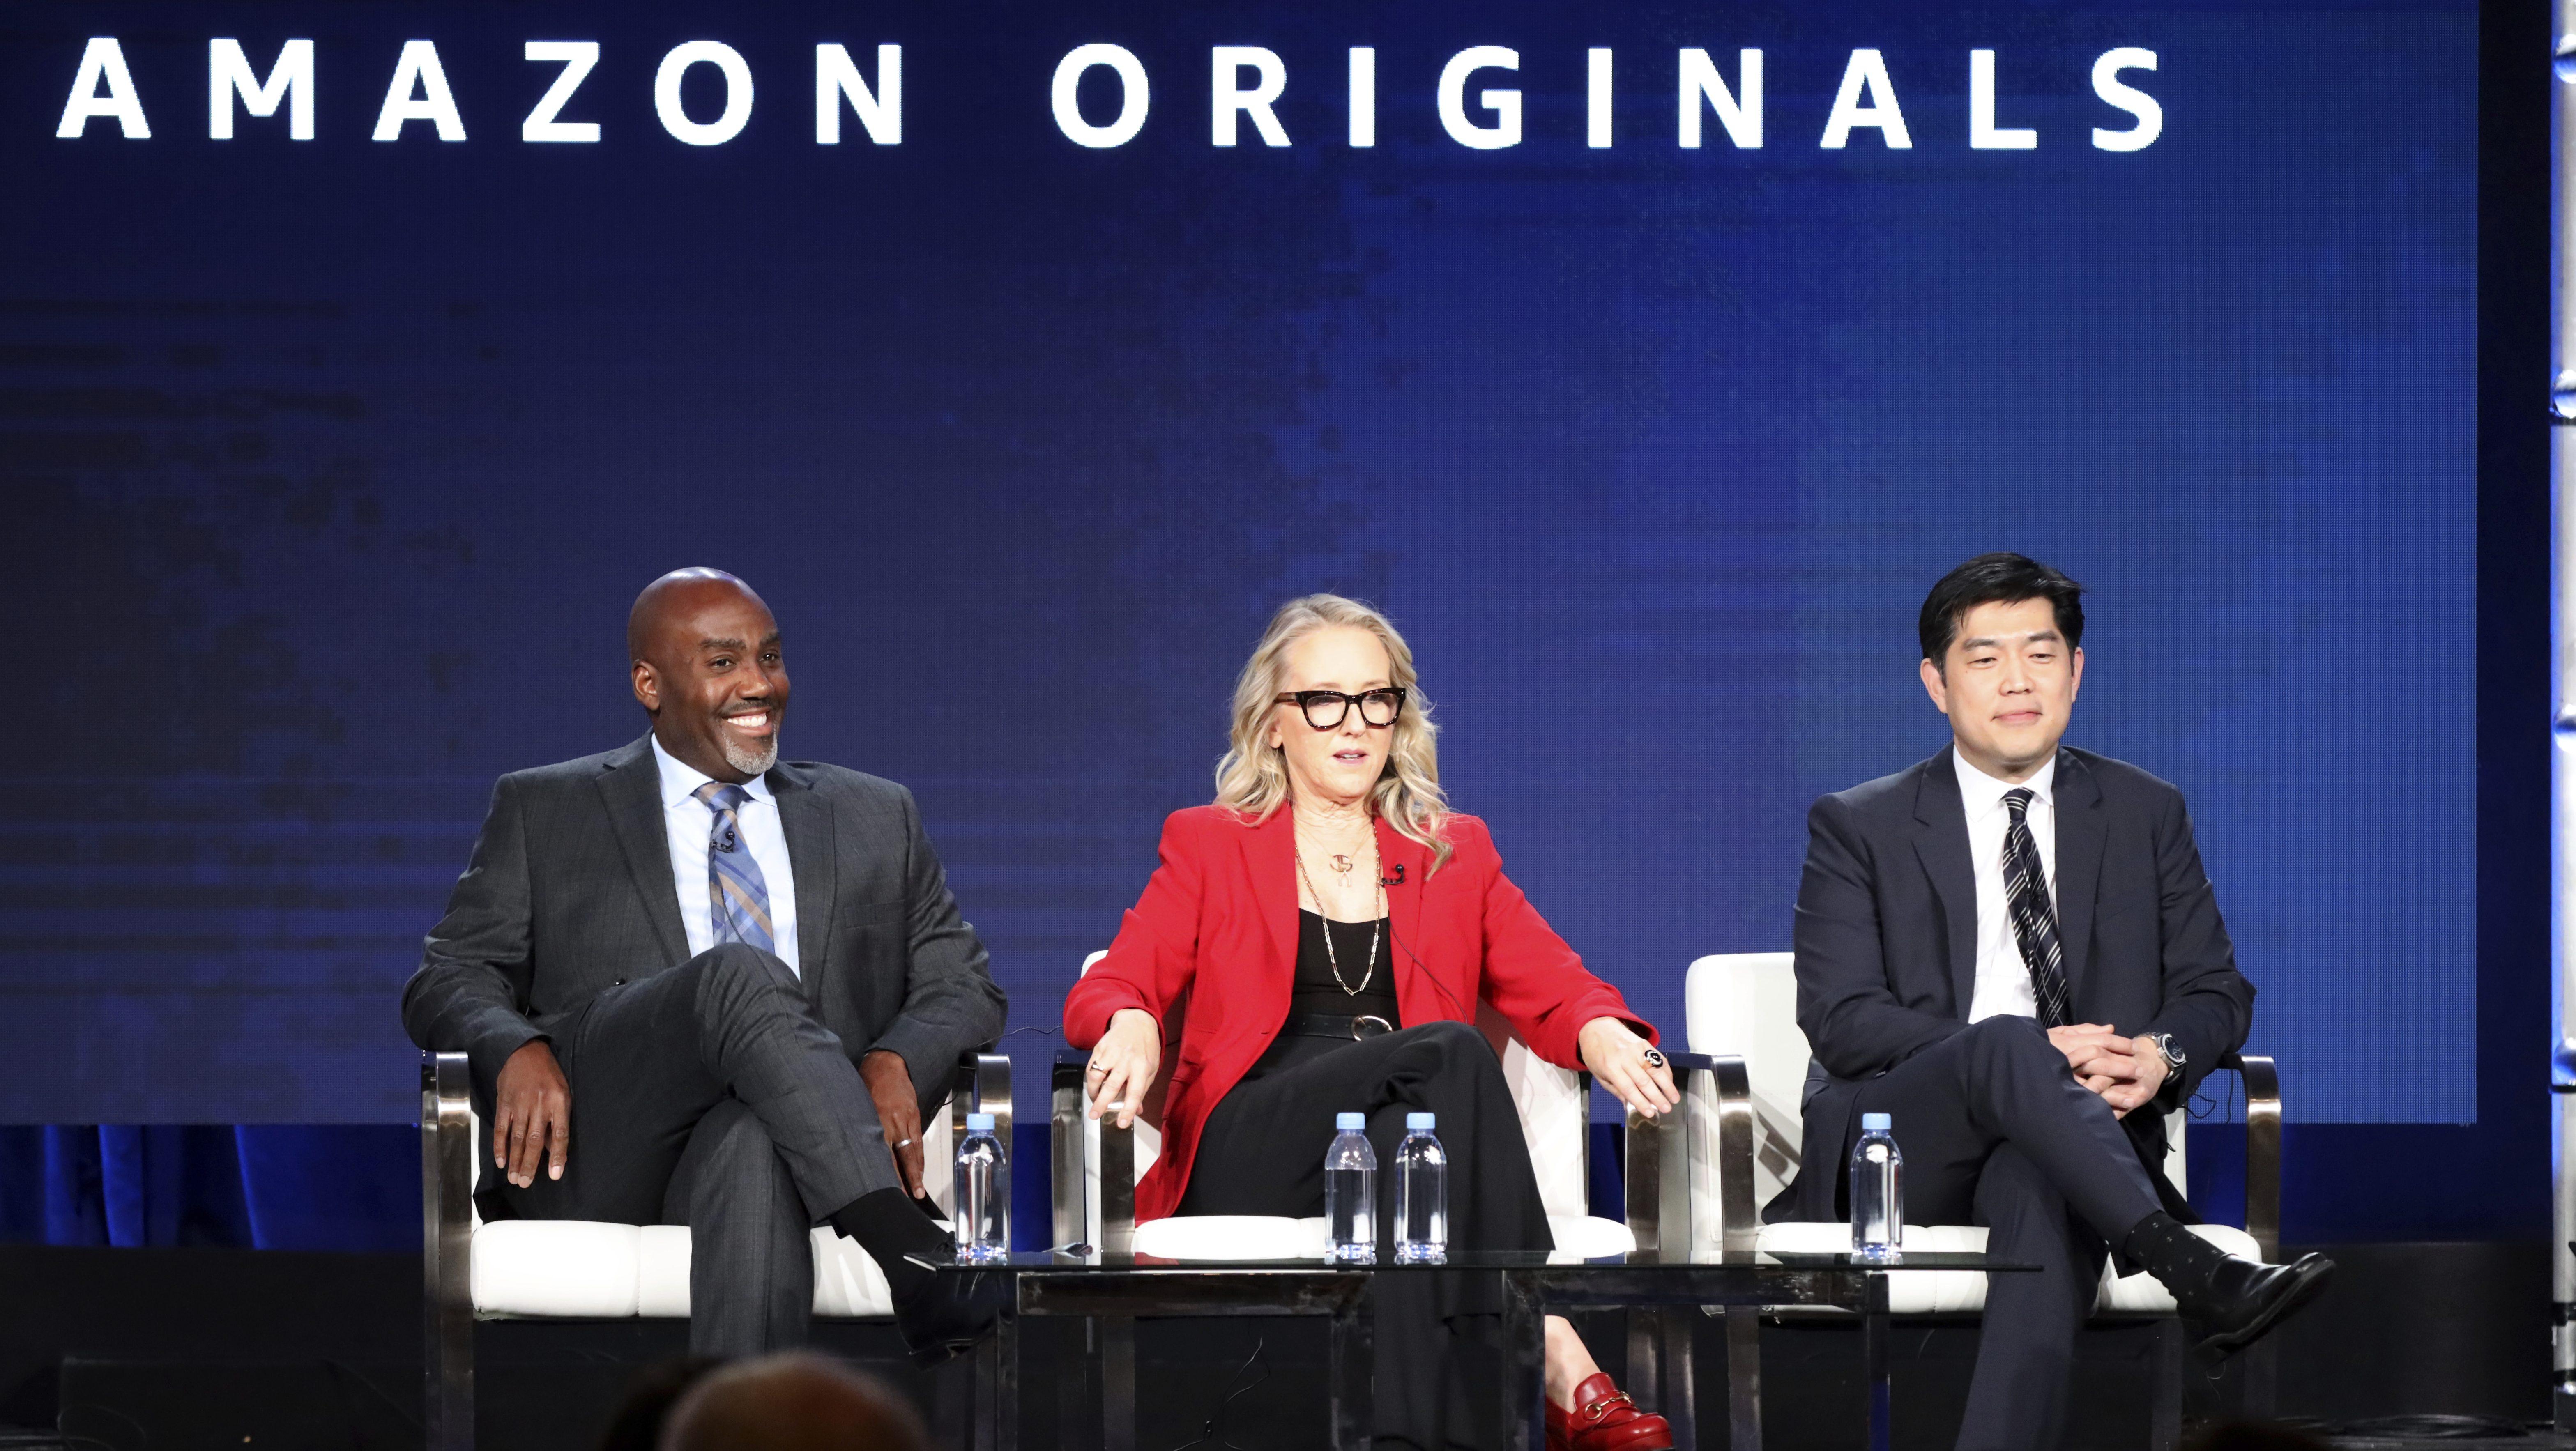 Vernon Sanders, Jennifer Salke, Albert Cheng